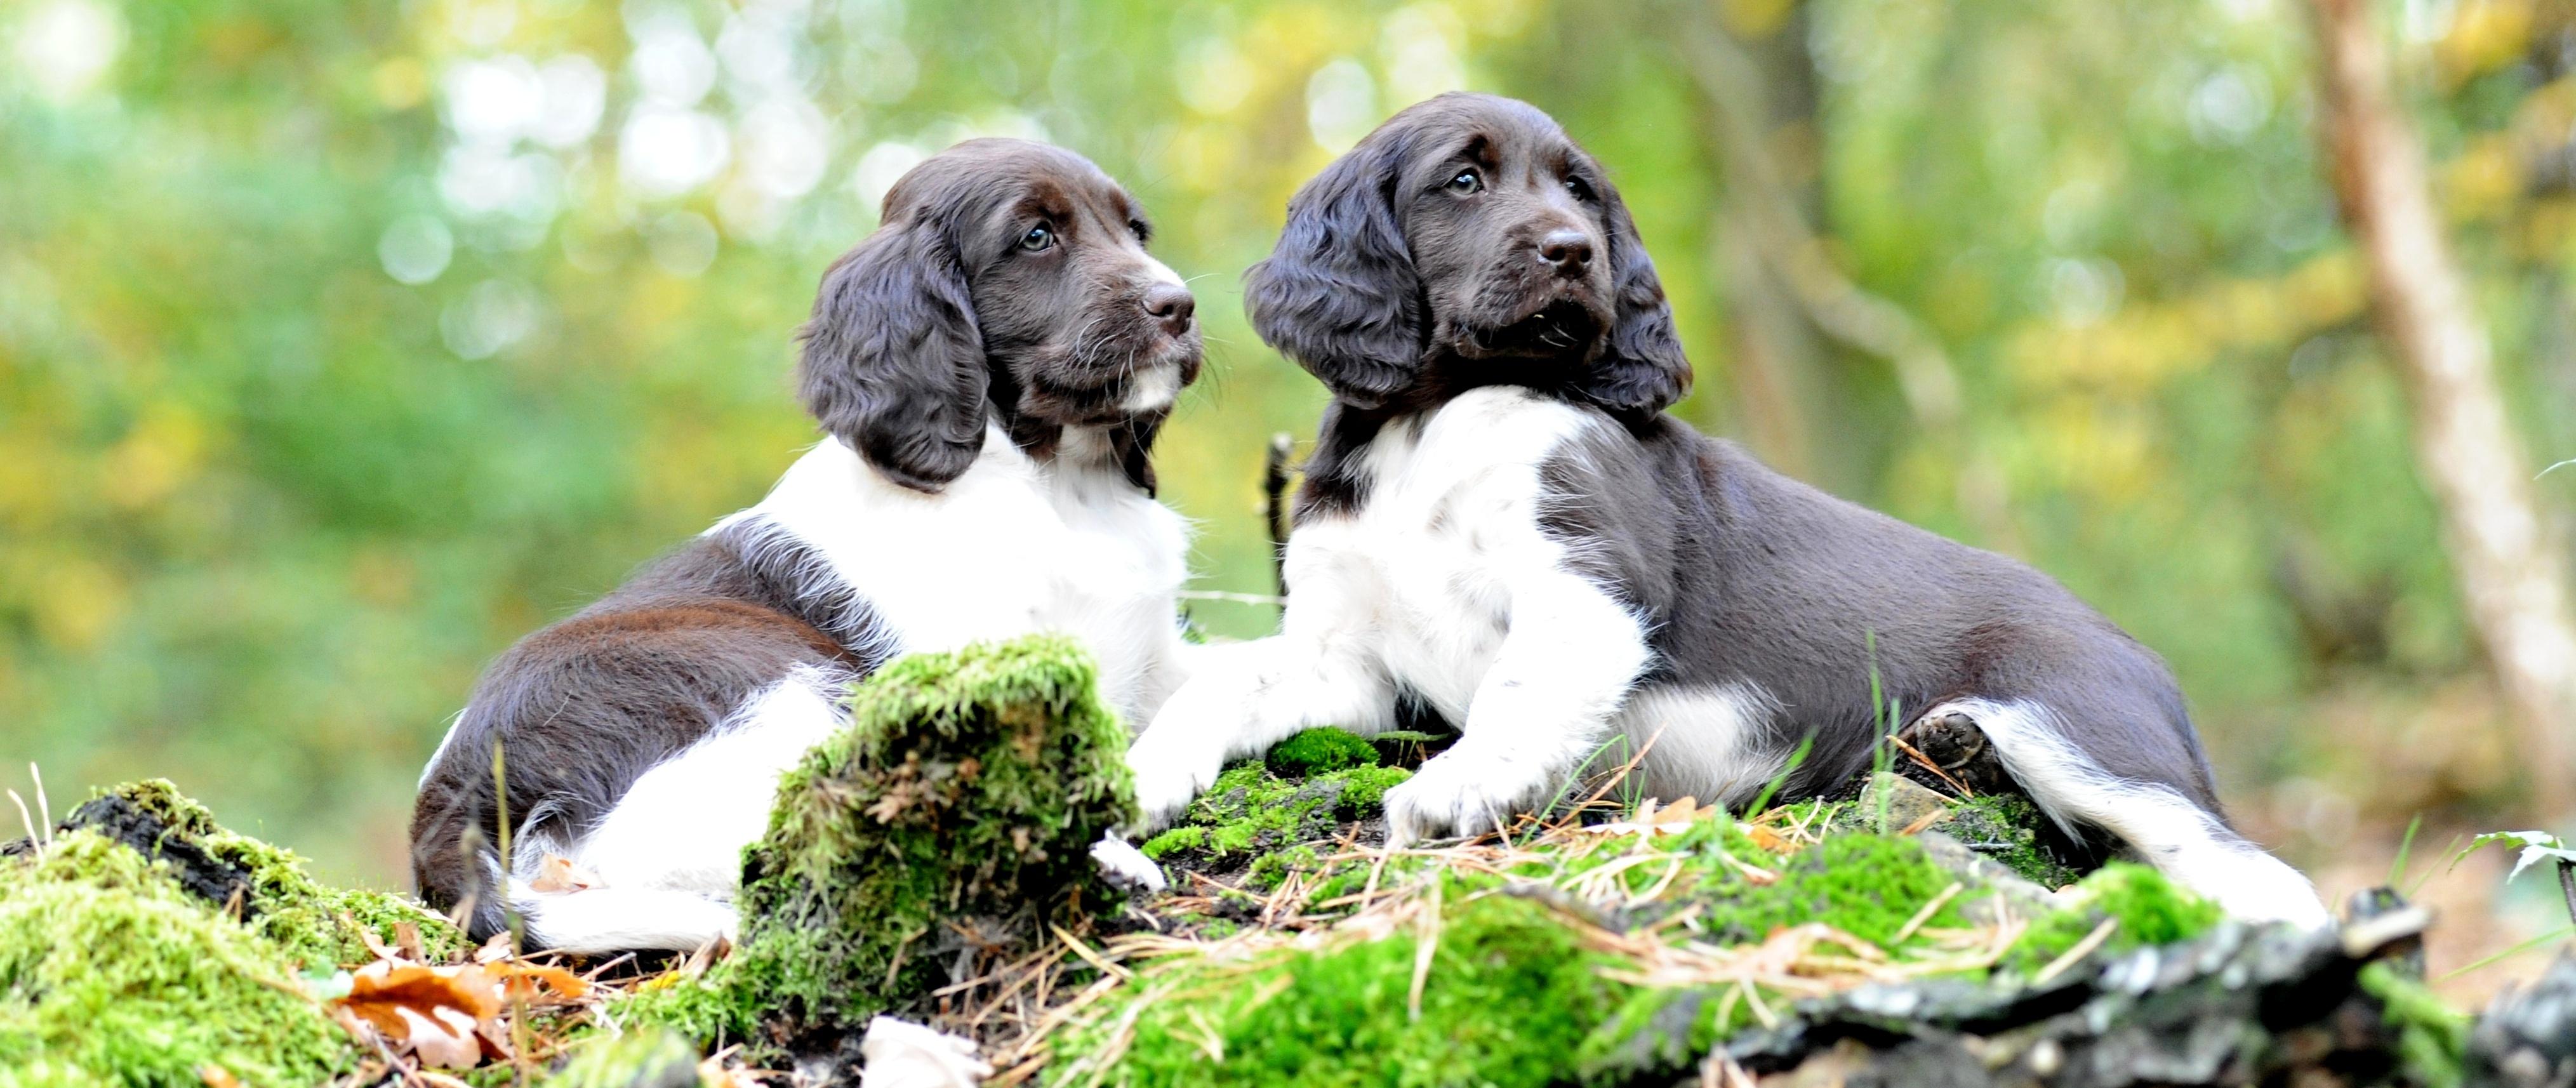 Chovní psi a chovné feny